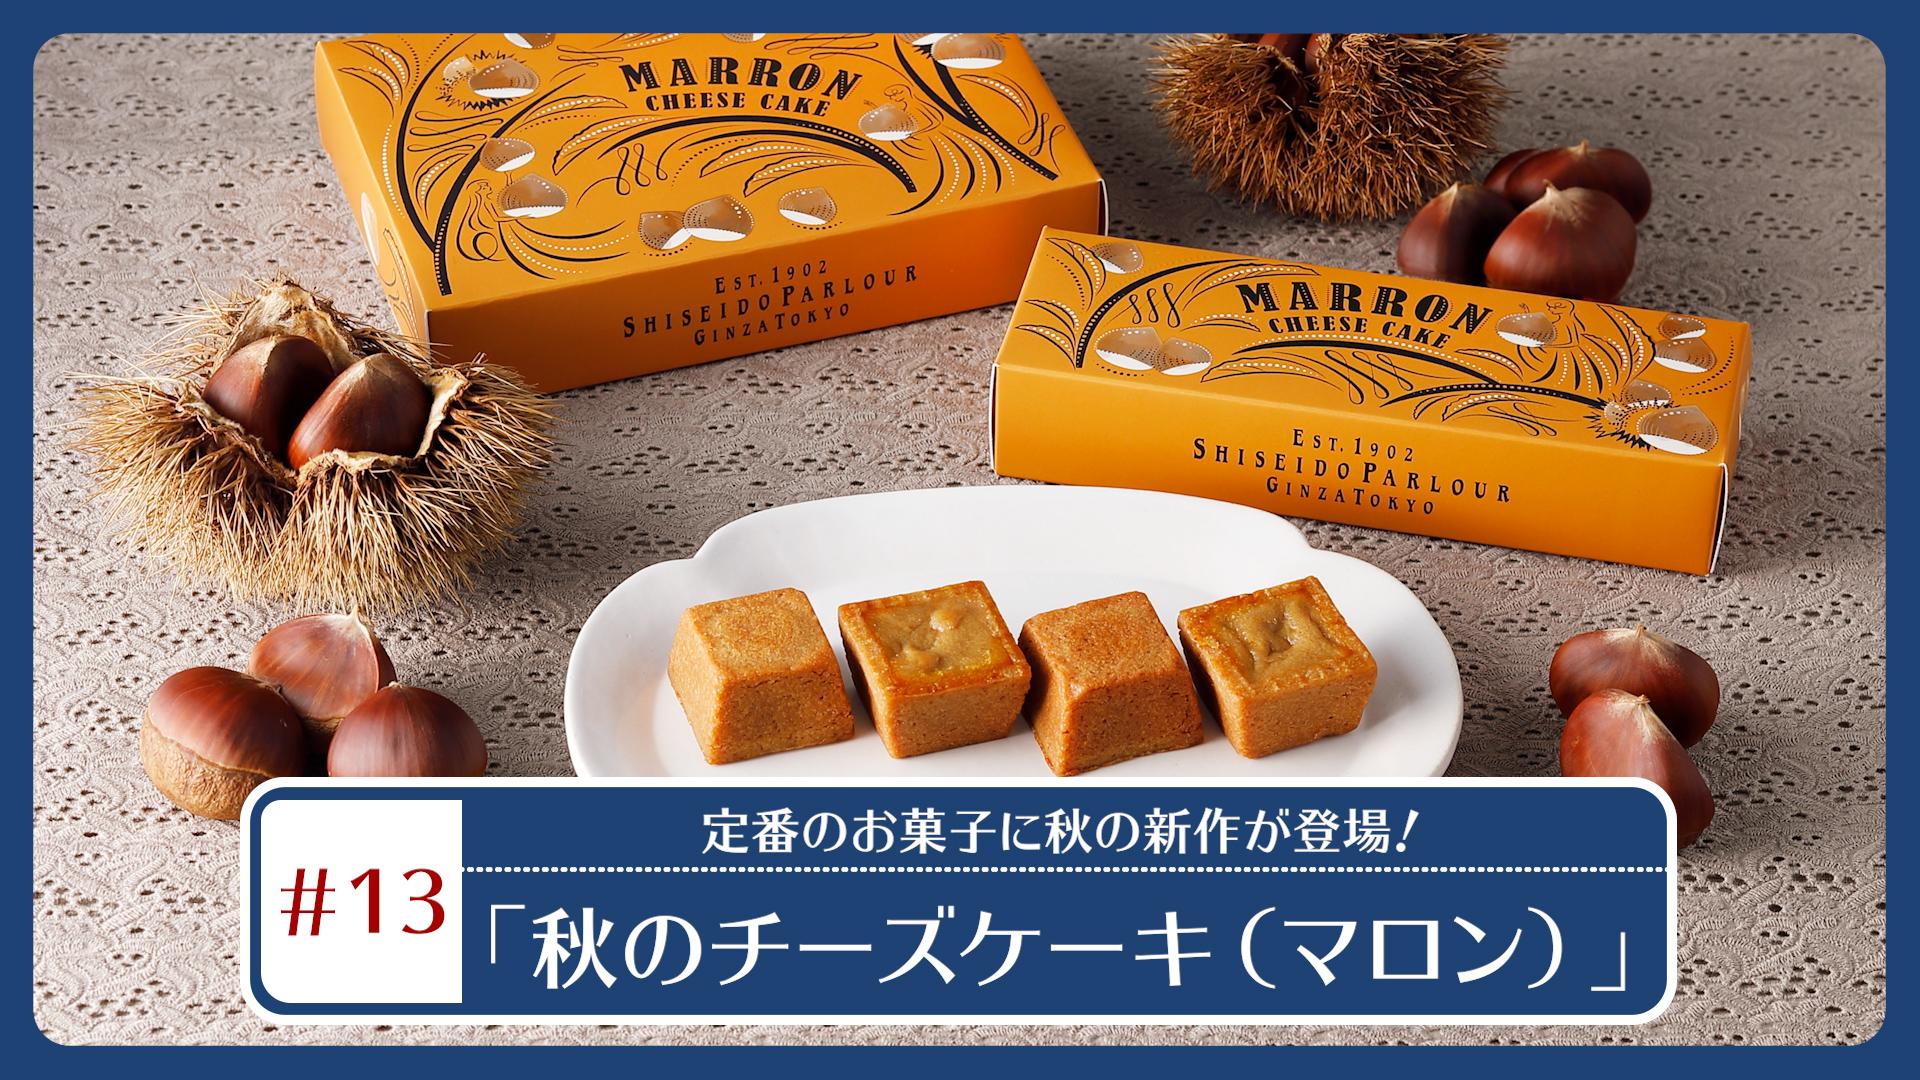 【資生堂パーラー】『秋のチーズケーキ(マロン)』が期間限定で登場!